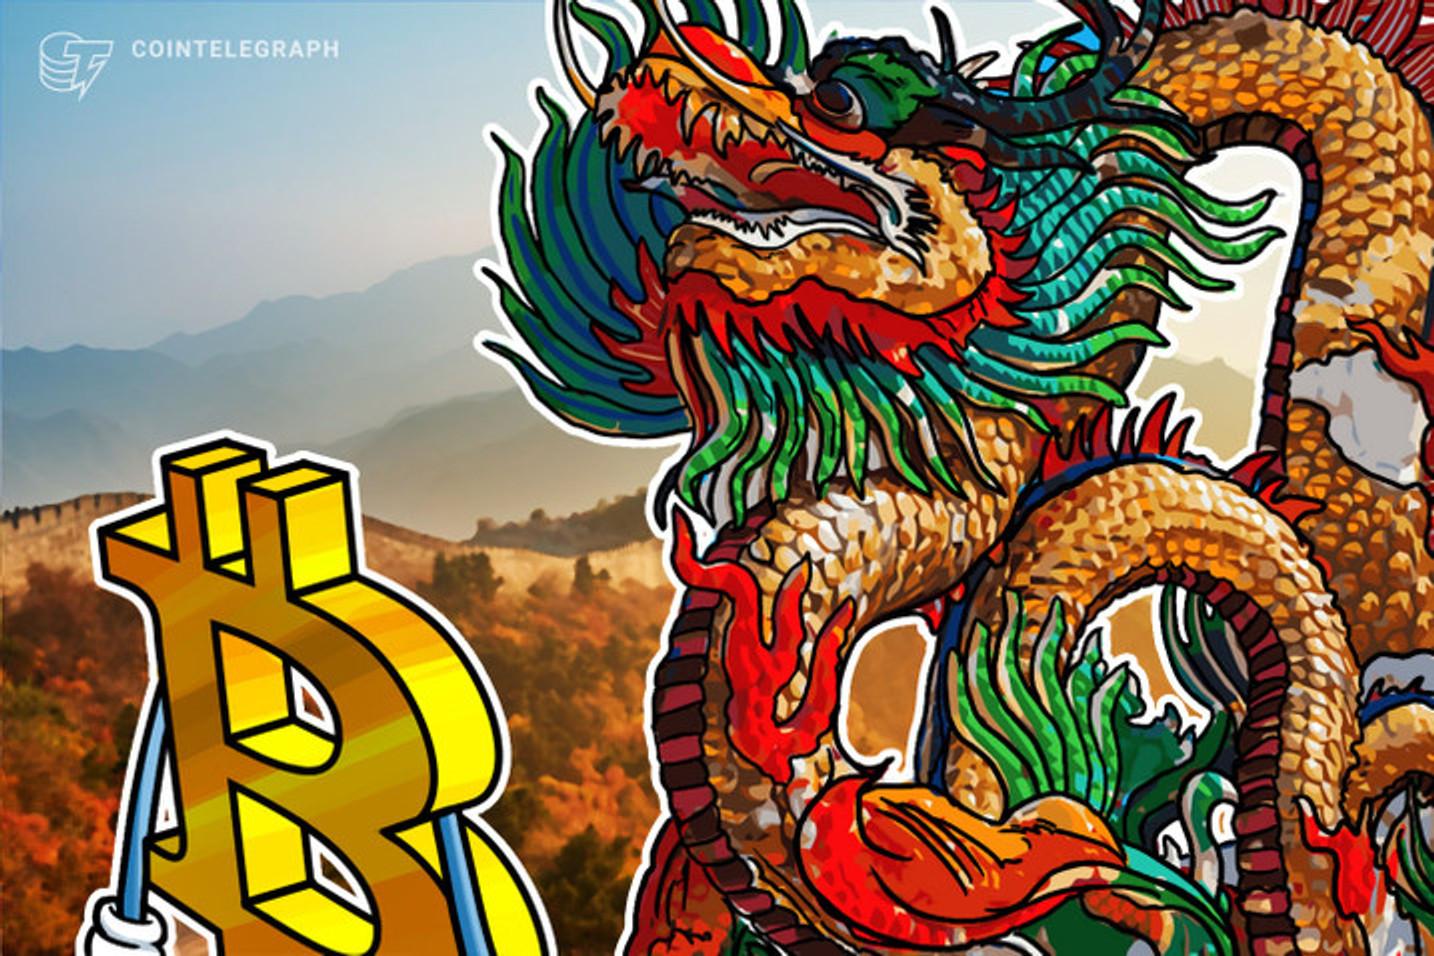 「実際は大幅下落している」仮想通貨ビットコイン安全資産説、中国人民銀行の関連機関が否定